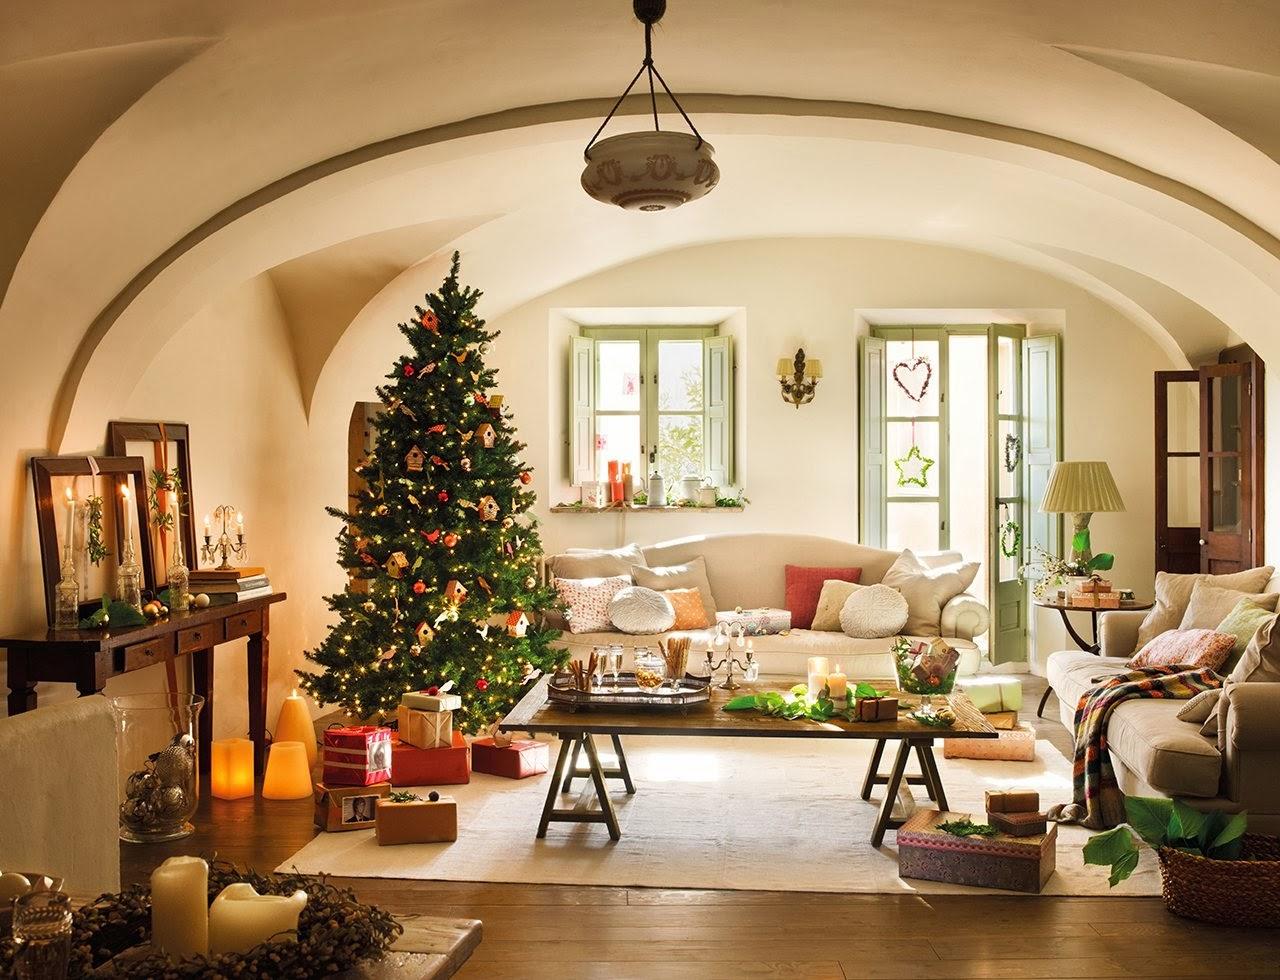 Decor De Sărbători 2013 Amenajare De Crăciun Iii Jurnal De